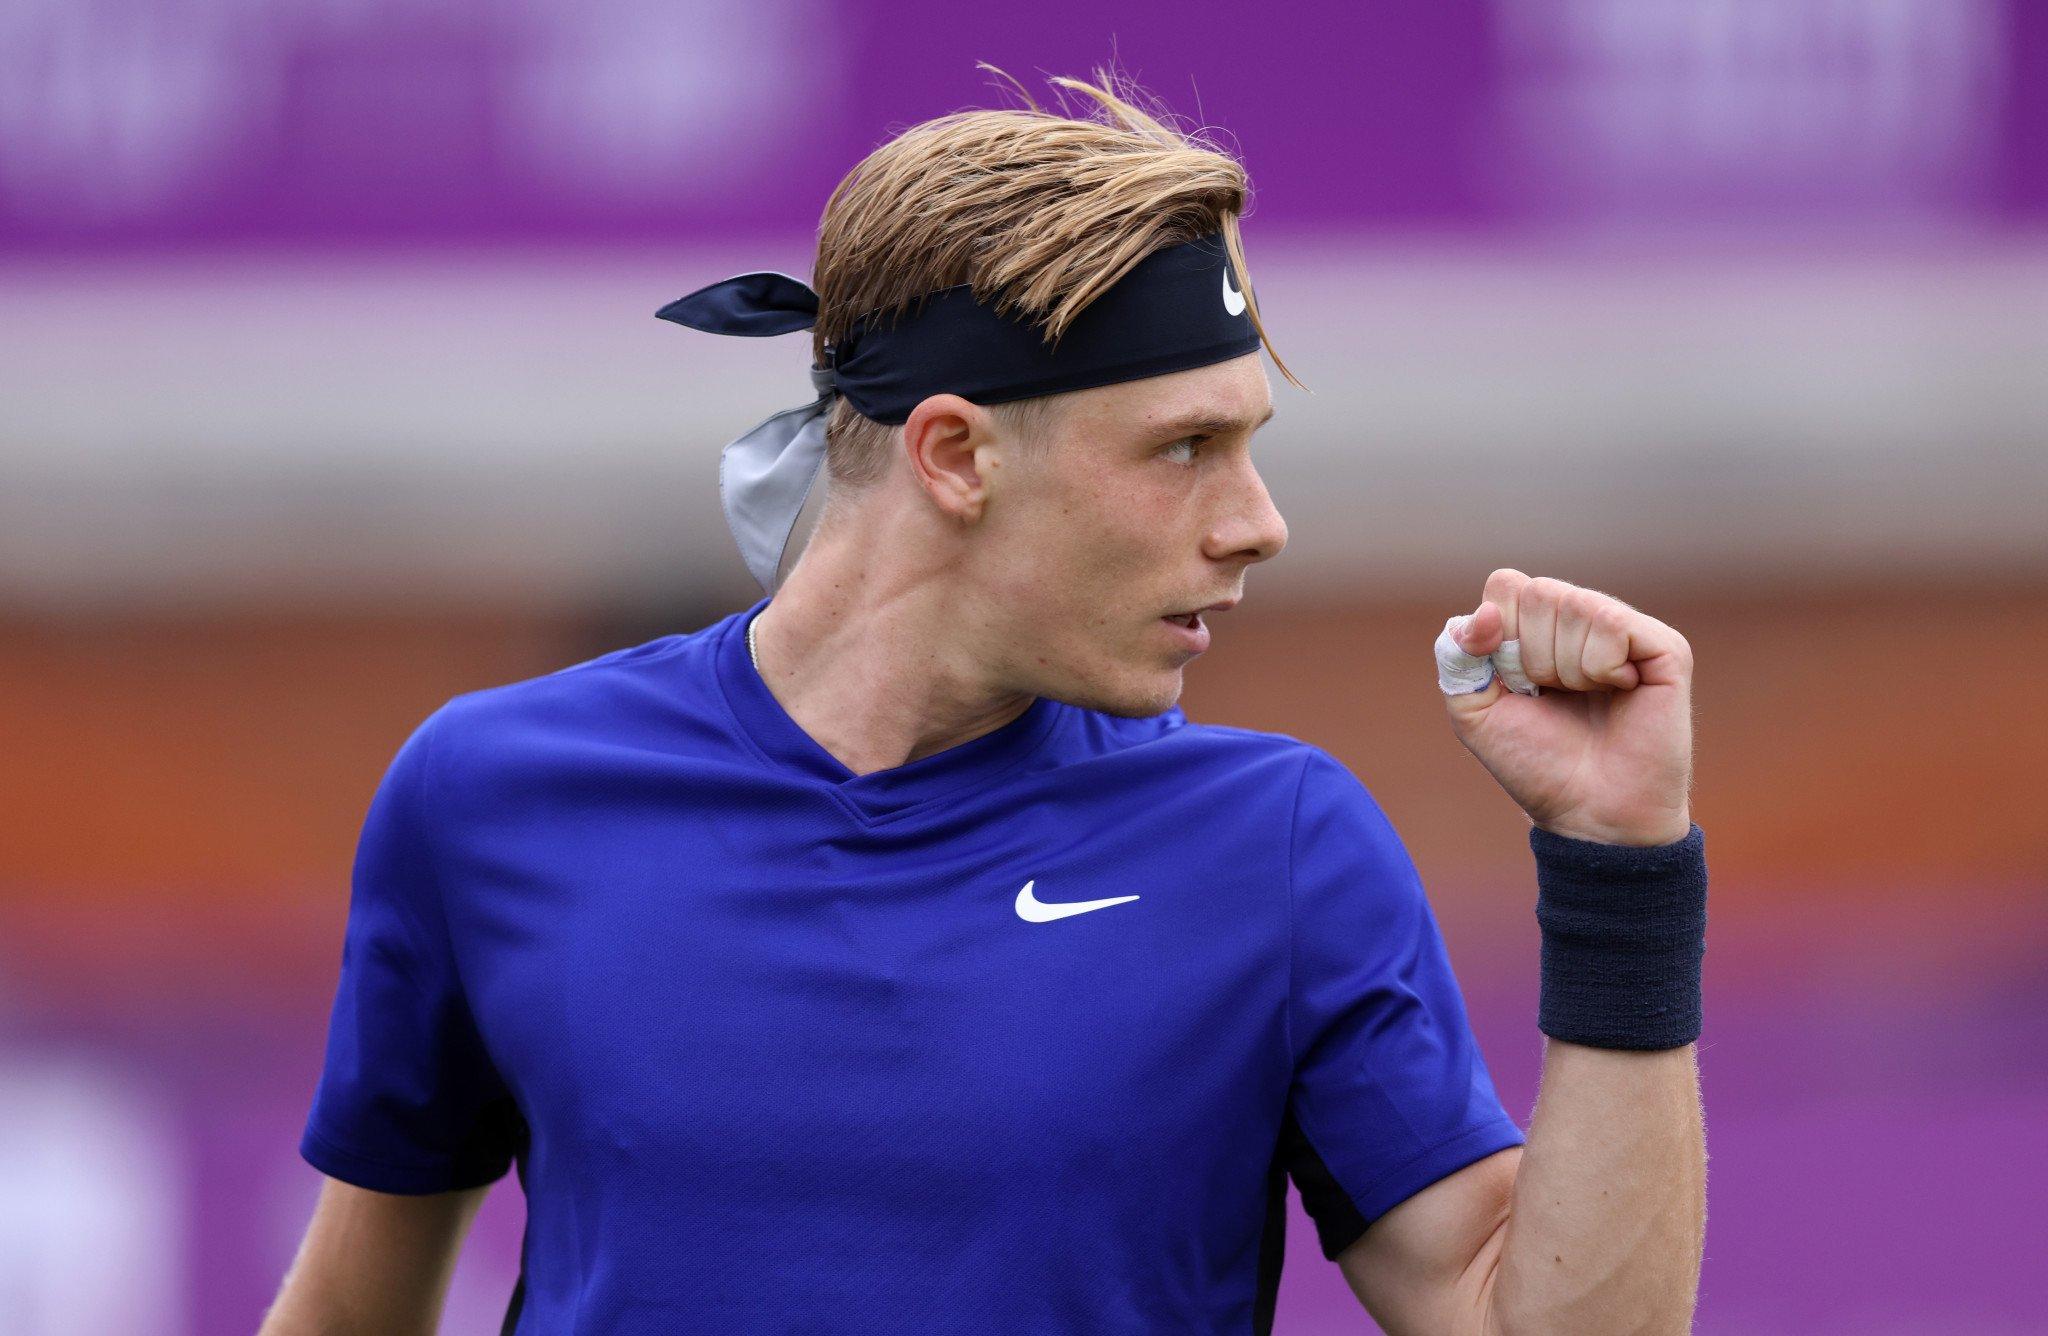 Wimbledon Championships 2021: Denis Shapovalov vs. Philipp Kohlschreiber Tennis Pick and Prediction